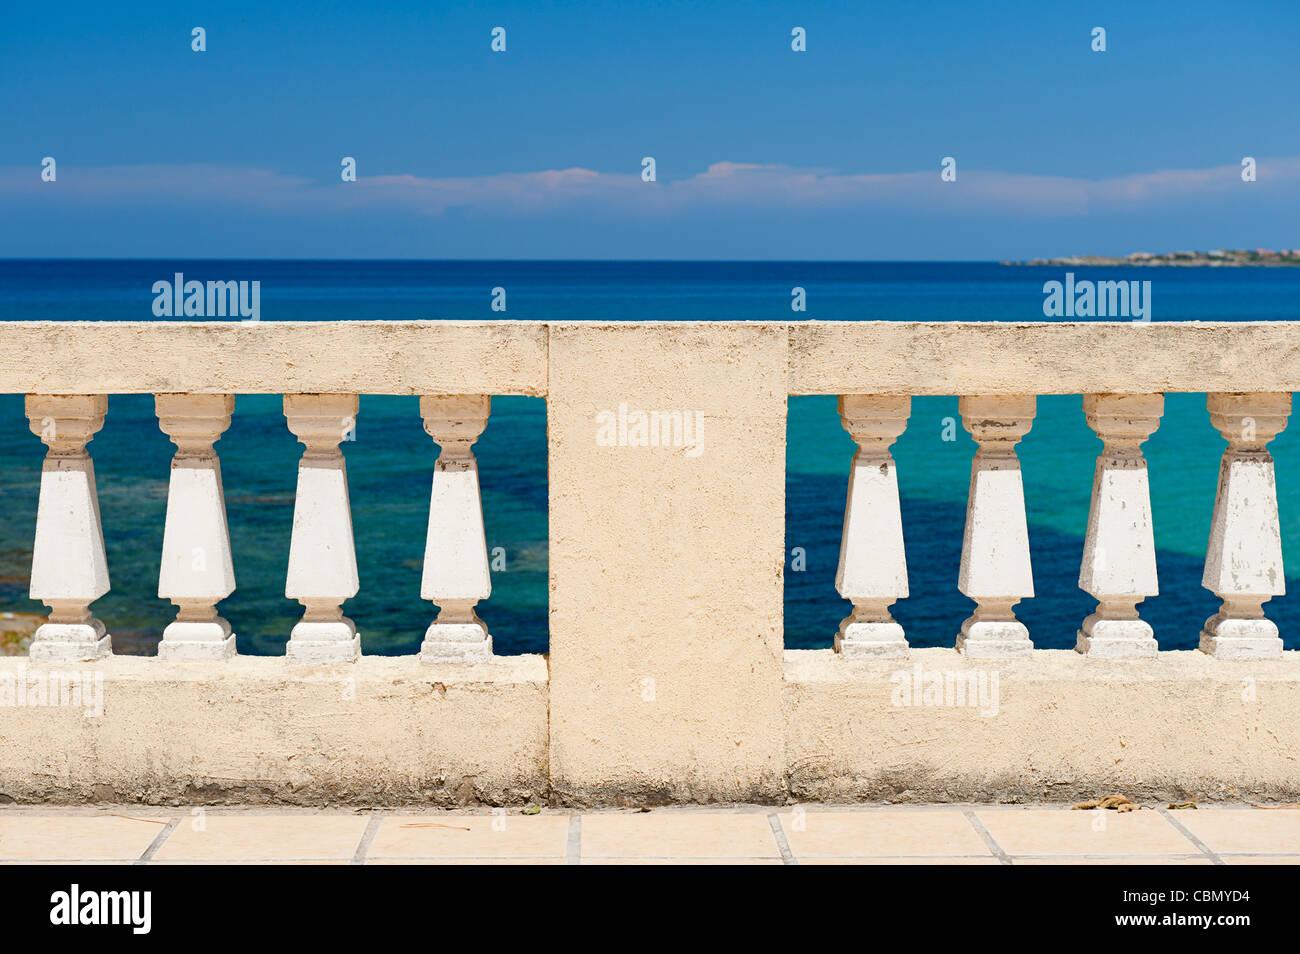 Balustrade am Meer Stockbild